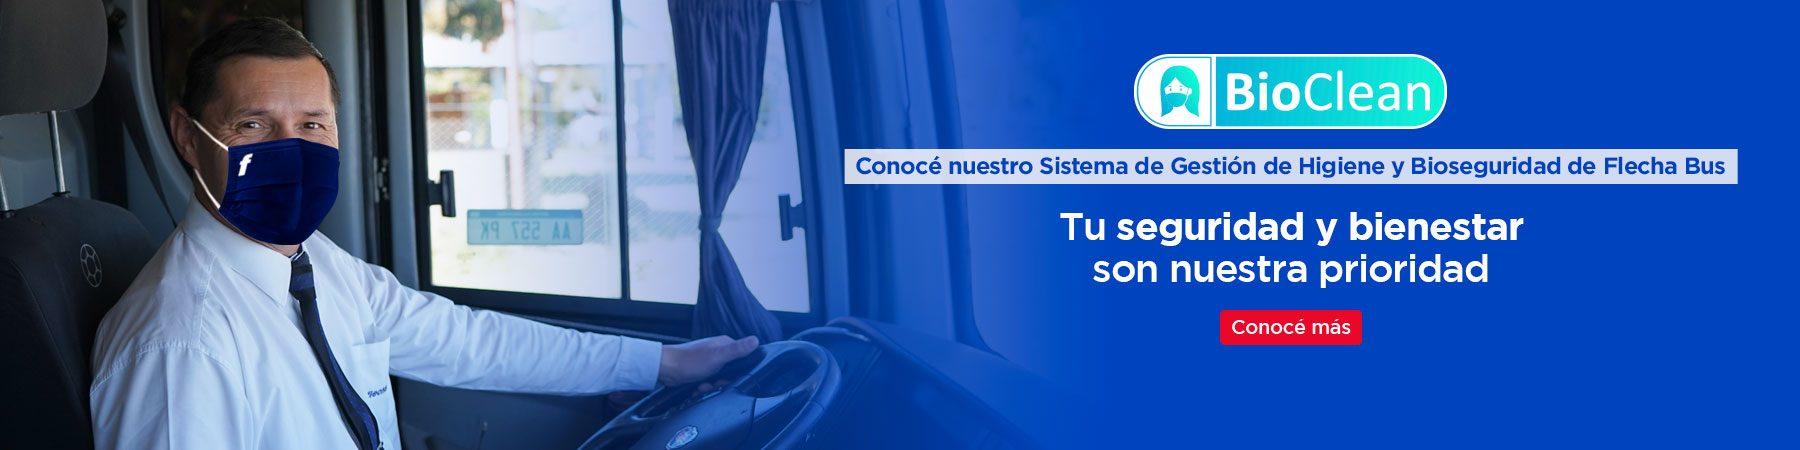 BioClean-Protocolos-y-medidas-de-seguridad-micros-larga-distancia-argentina-flecha-bus.jpg-344